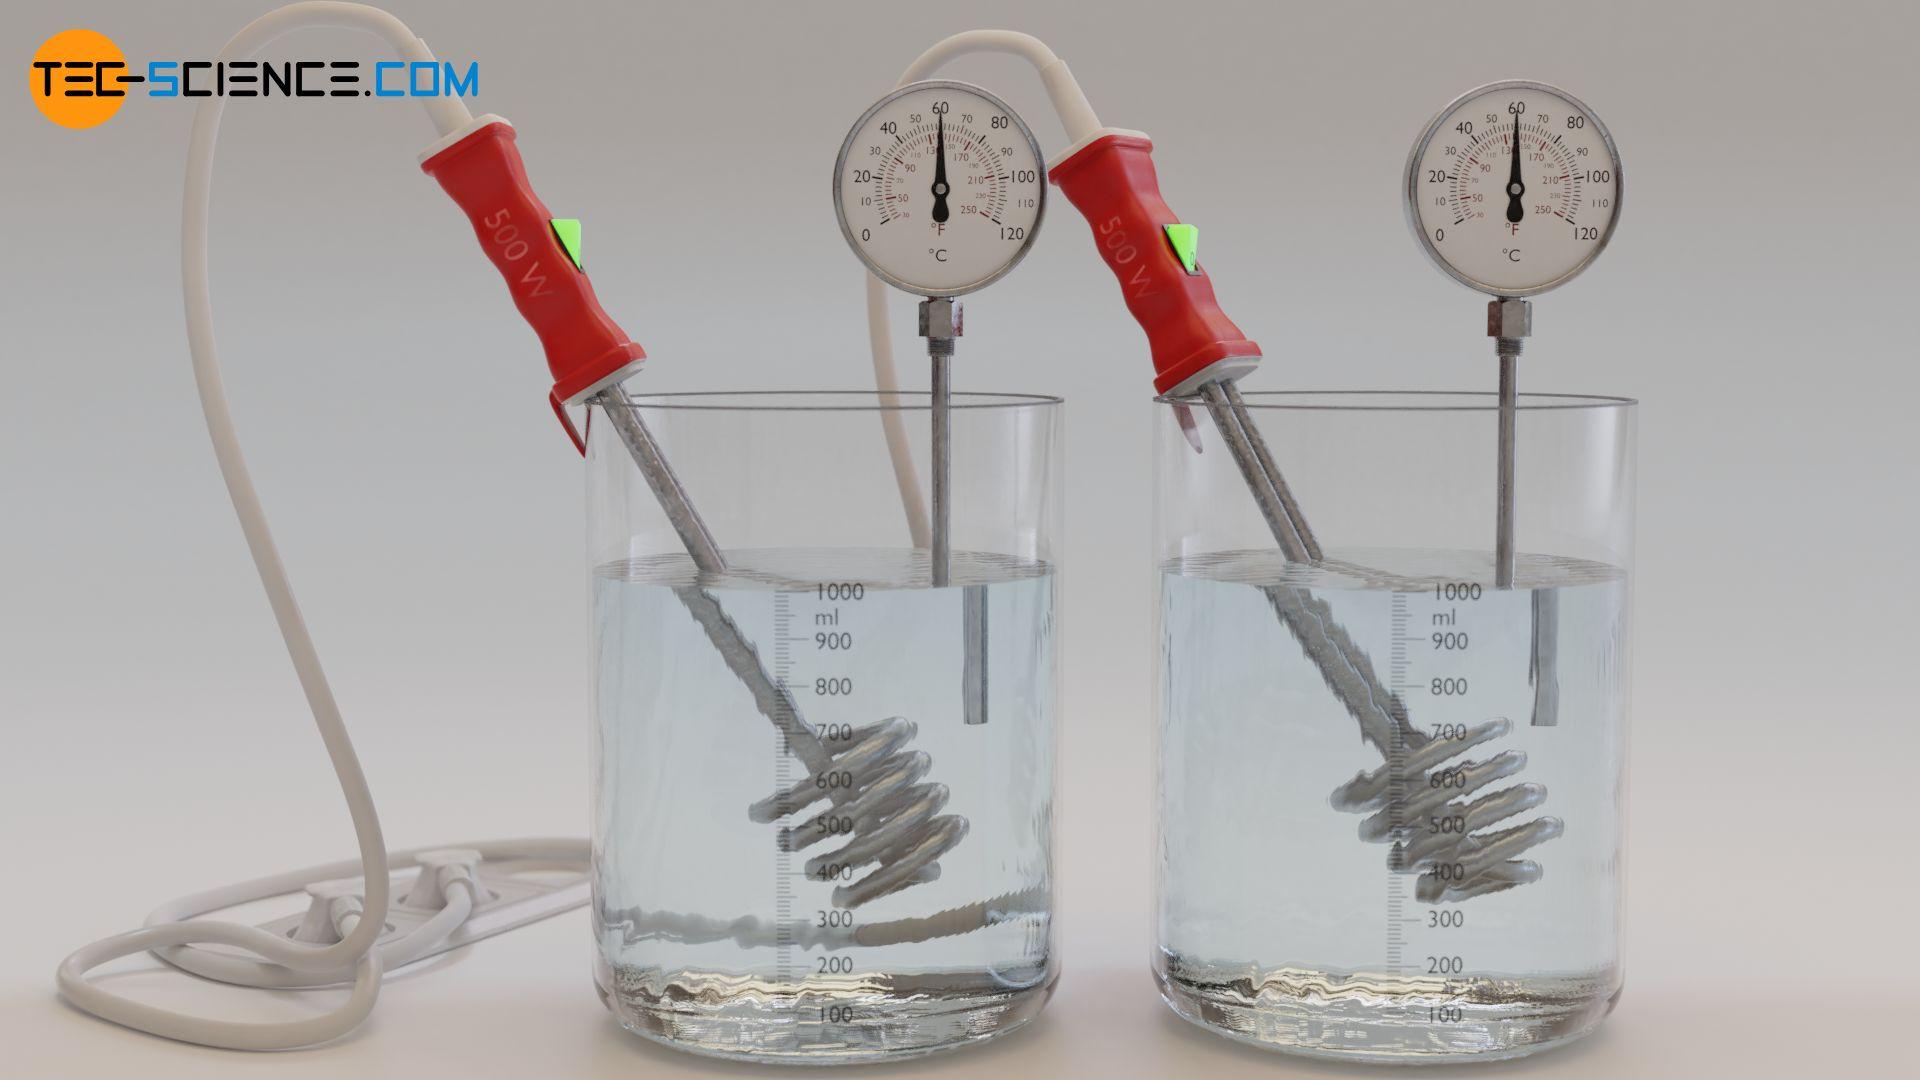 Die Erwärmung einer doppelten Masse an Wasser benötigt insgesamt die doppelte Menge an Wärmeenergie